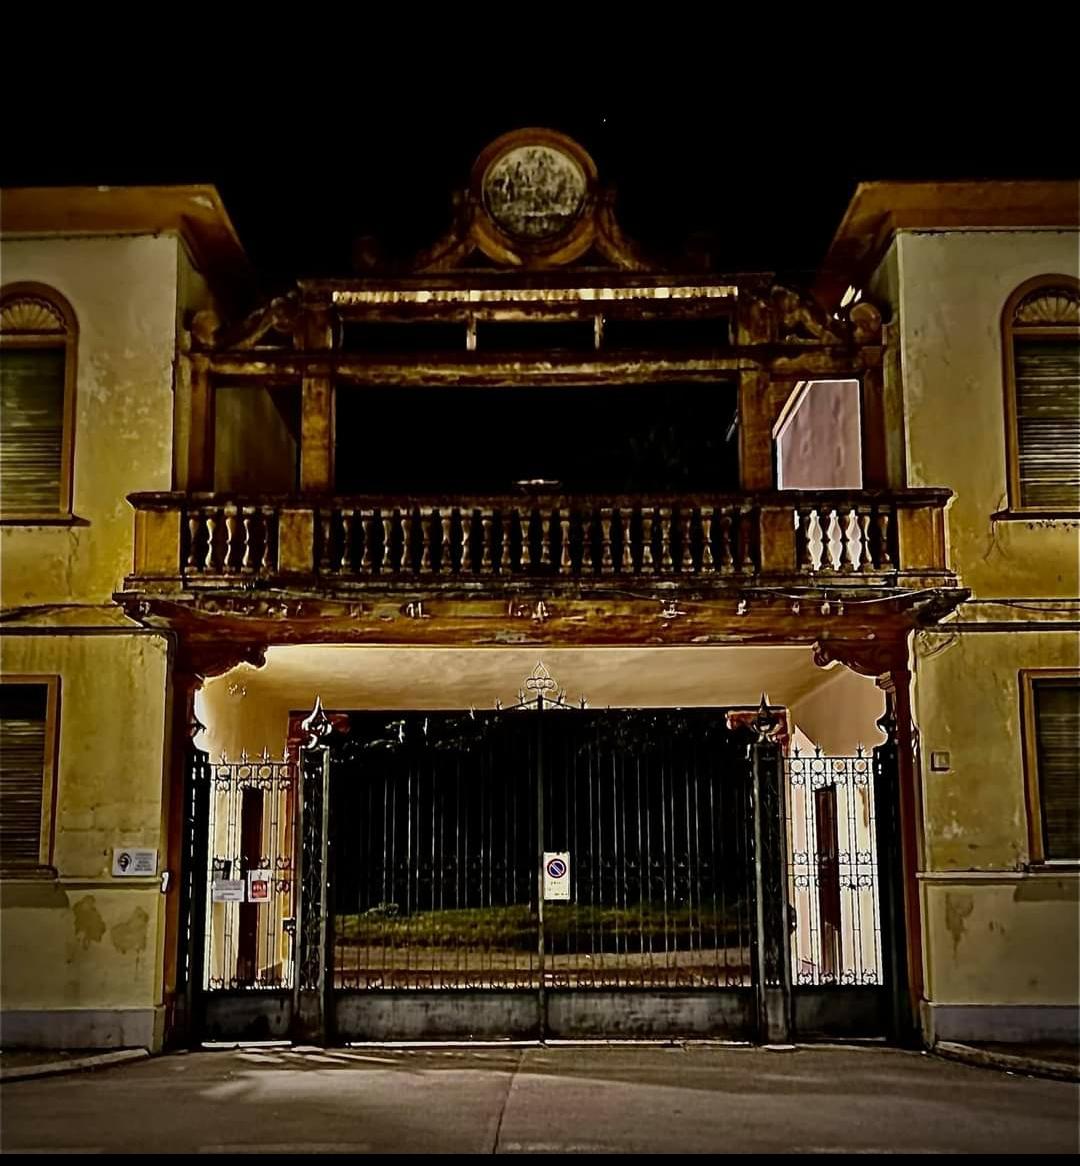 """Umberto Cabini: """"Oggi una struttura bellissima nel centro di Crema in completo abbandono ed in pieno degrado!"""""""